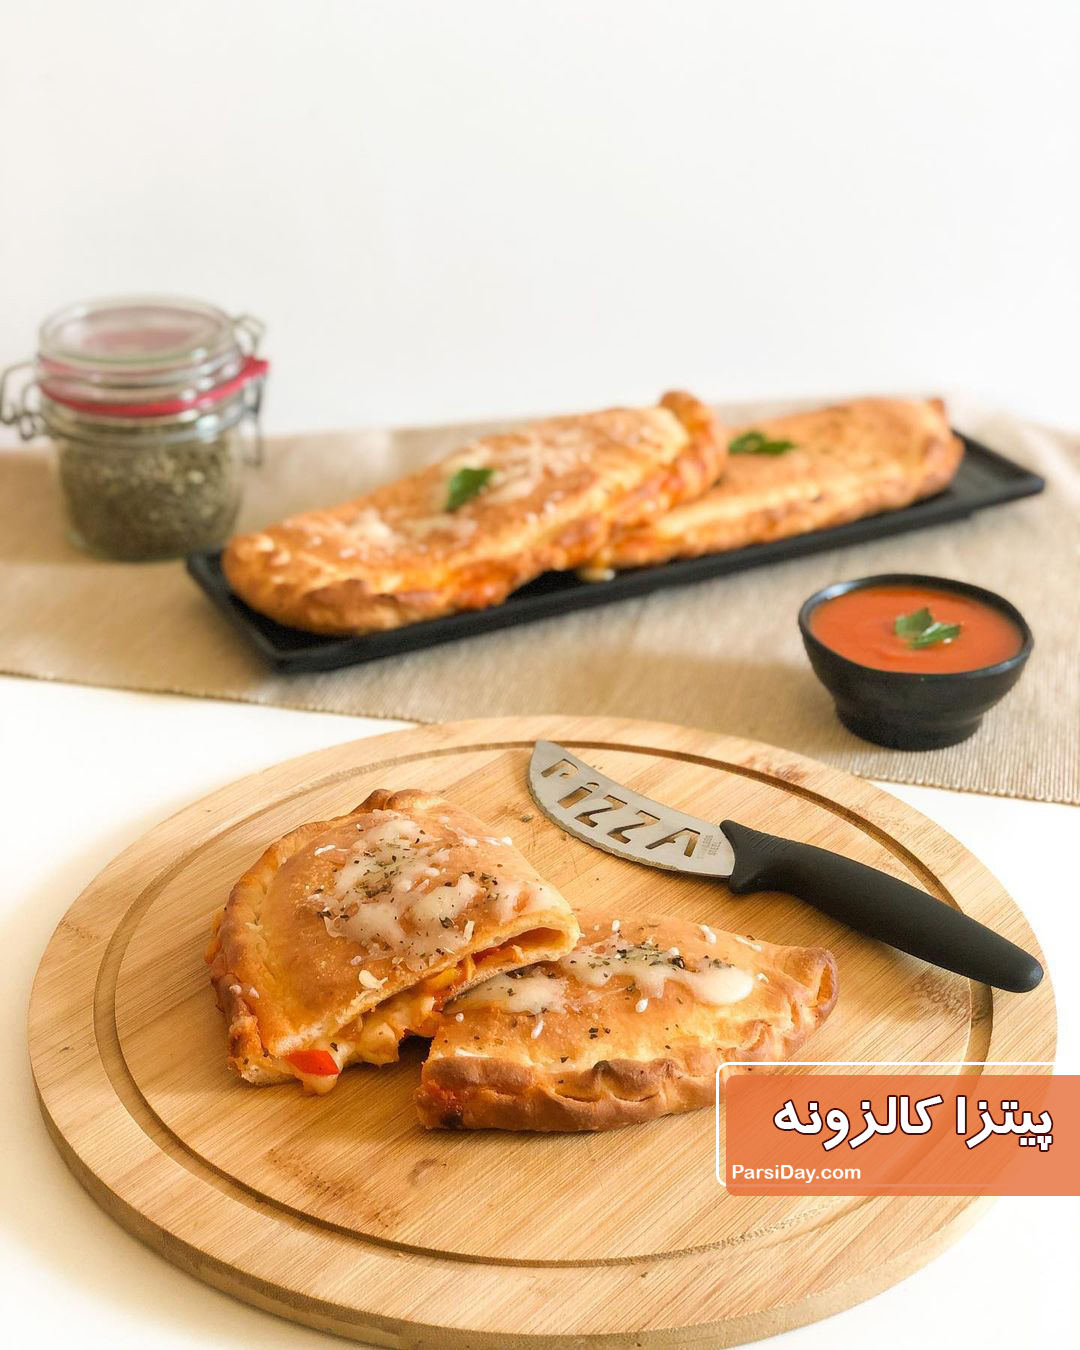 طرز تهیه پیتزا کالزونه ایتالیایی خوشمزه با سینه مرغ و خمیر مخصوص